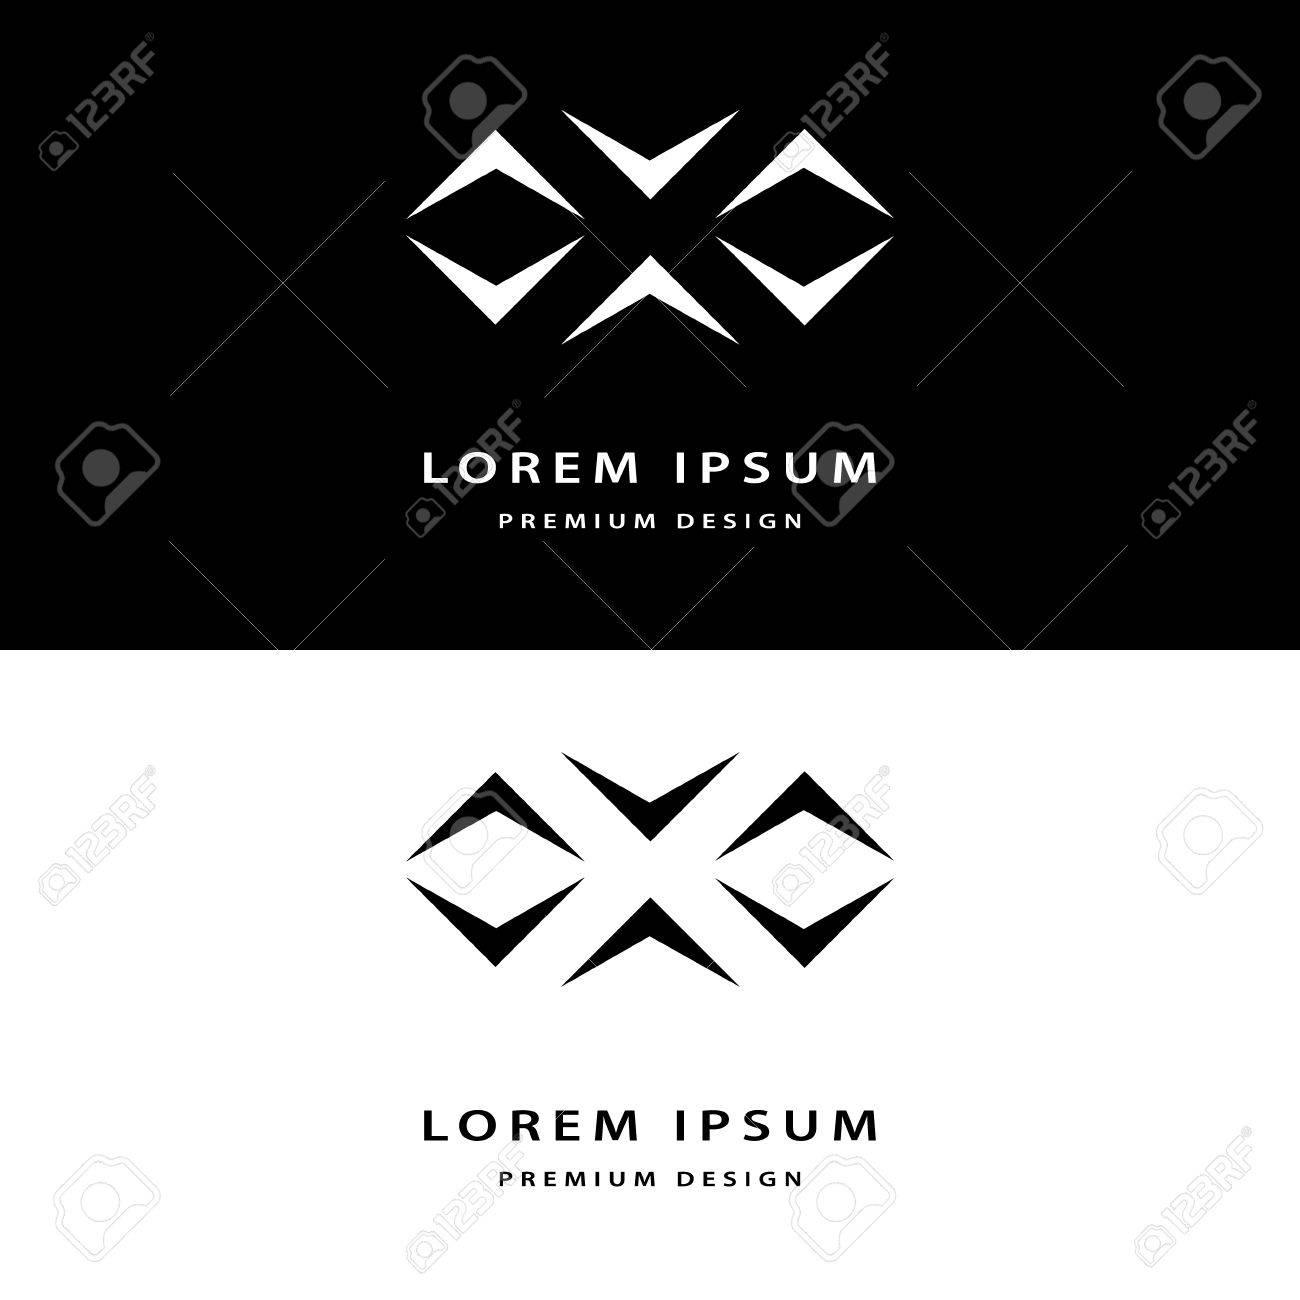 Les Lments Cratifs De Conception Icne Monogramme Avec Cartes Visite Professionnelles Gracieuse Lart La Ligne Lgante Logo